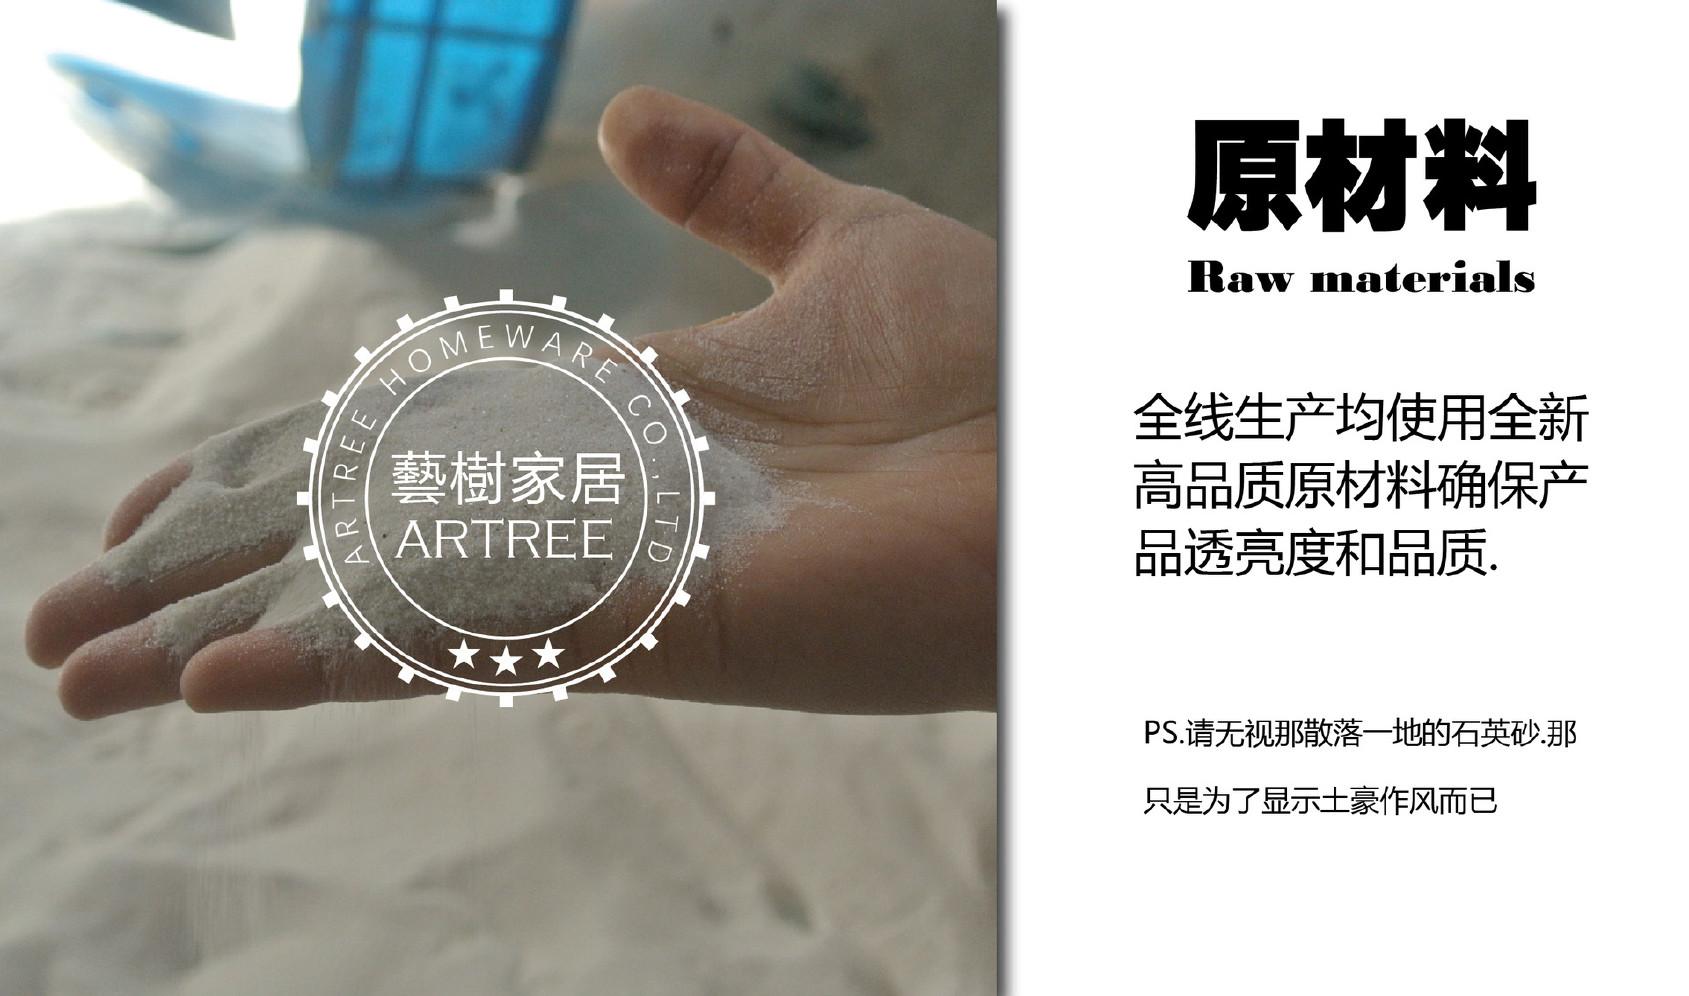 ����#�F�_【Artree艺树厂家爆款人工吹制彩色玻璃工艺品直筒广口可定制